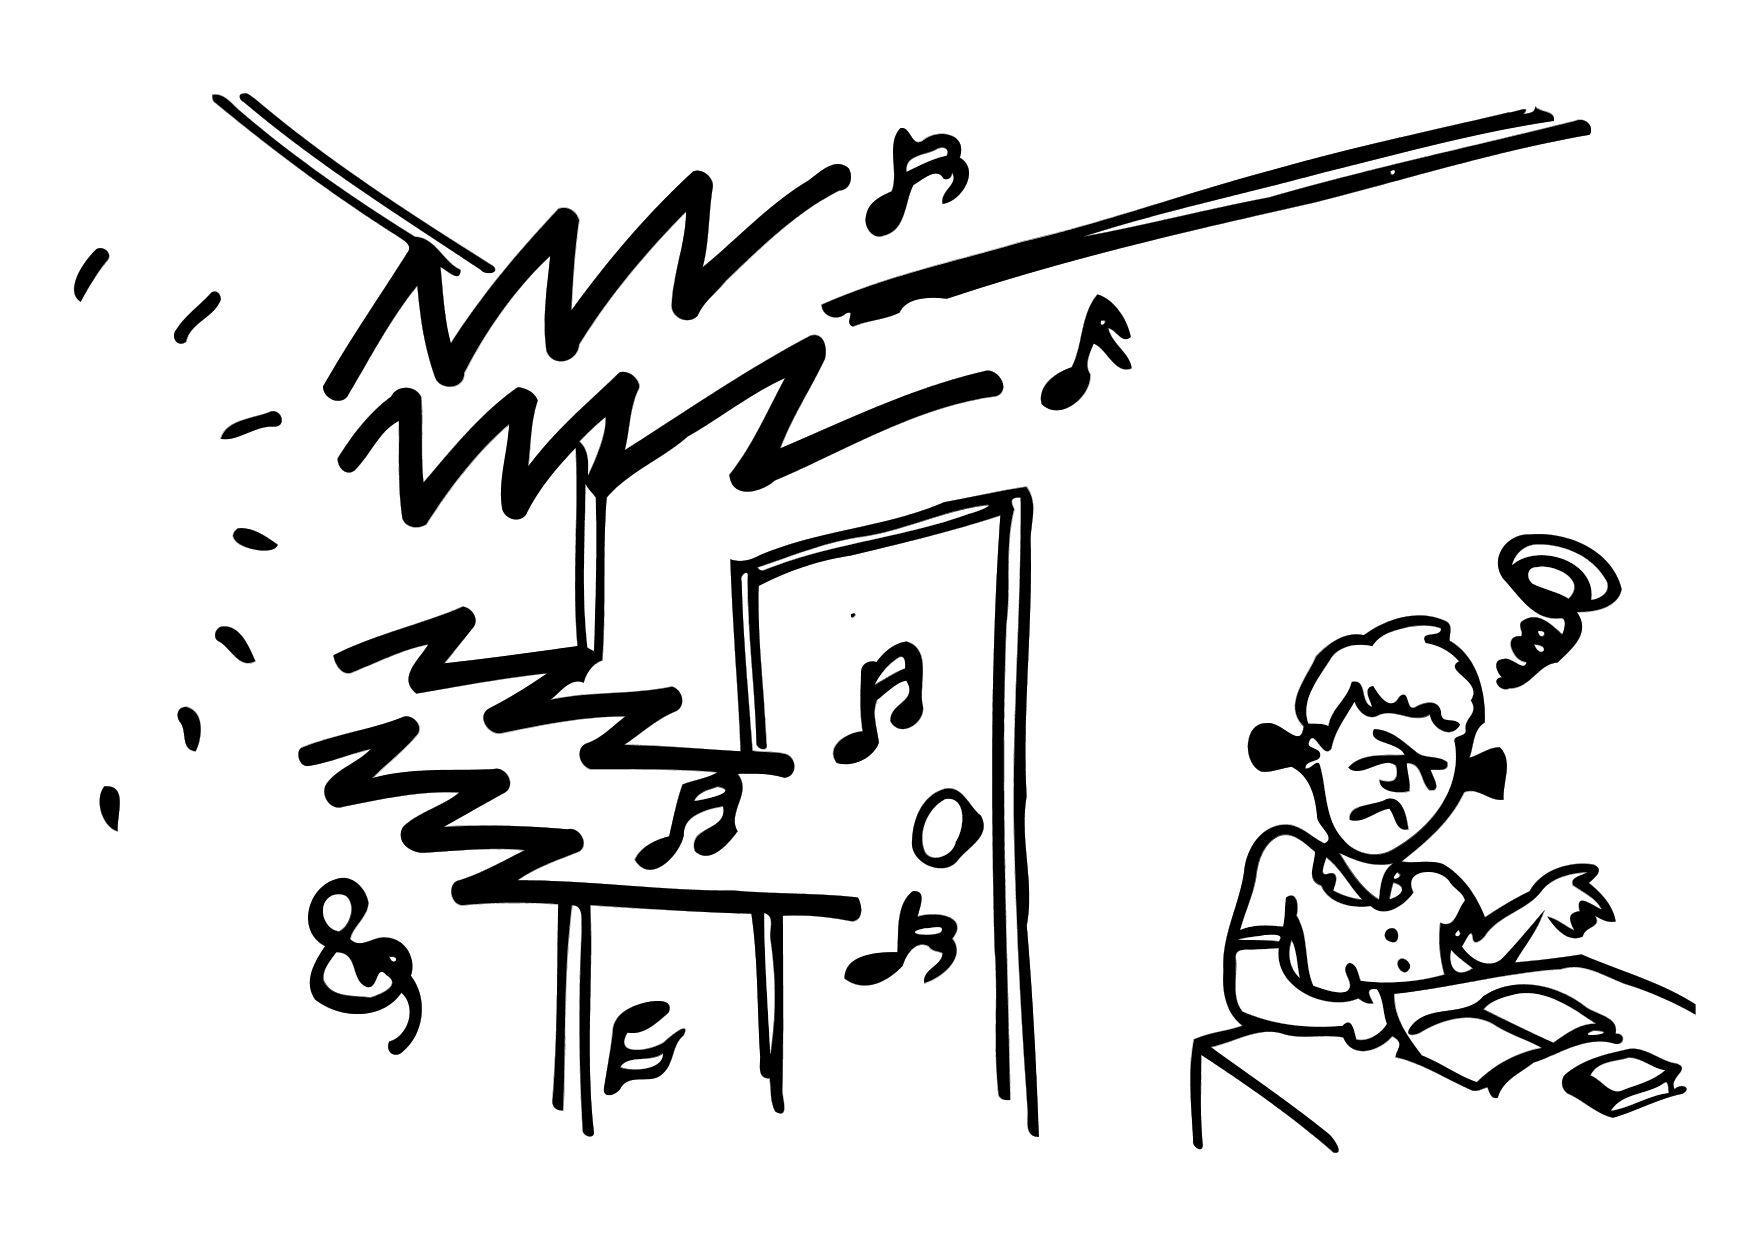 dibujo para colorear ruido - estudiar